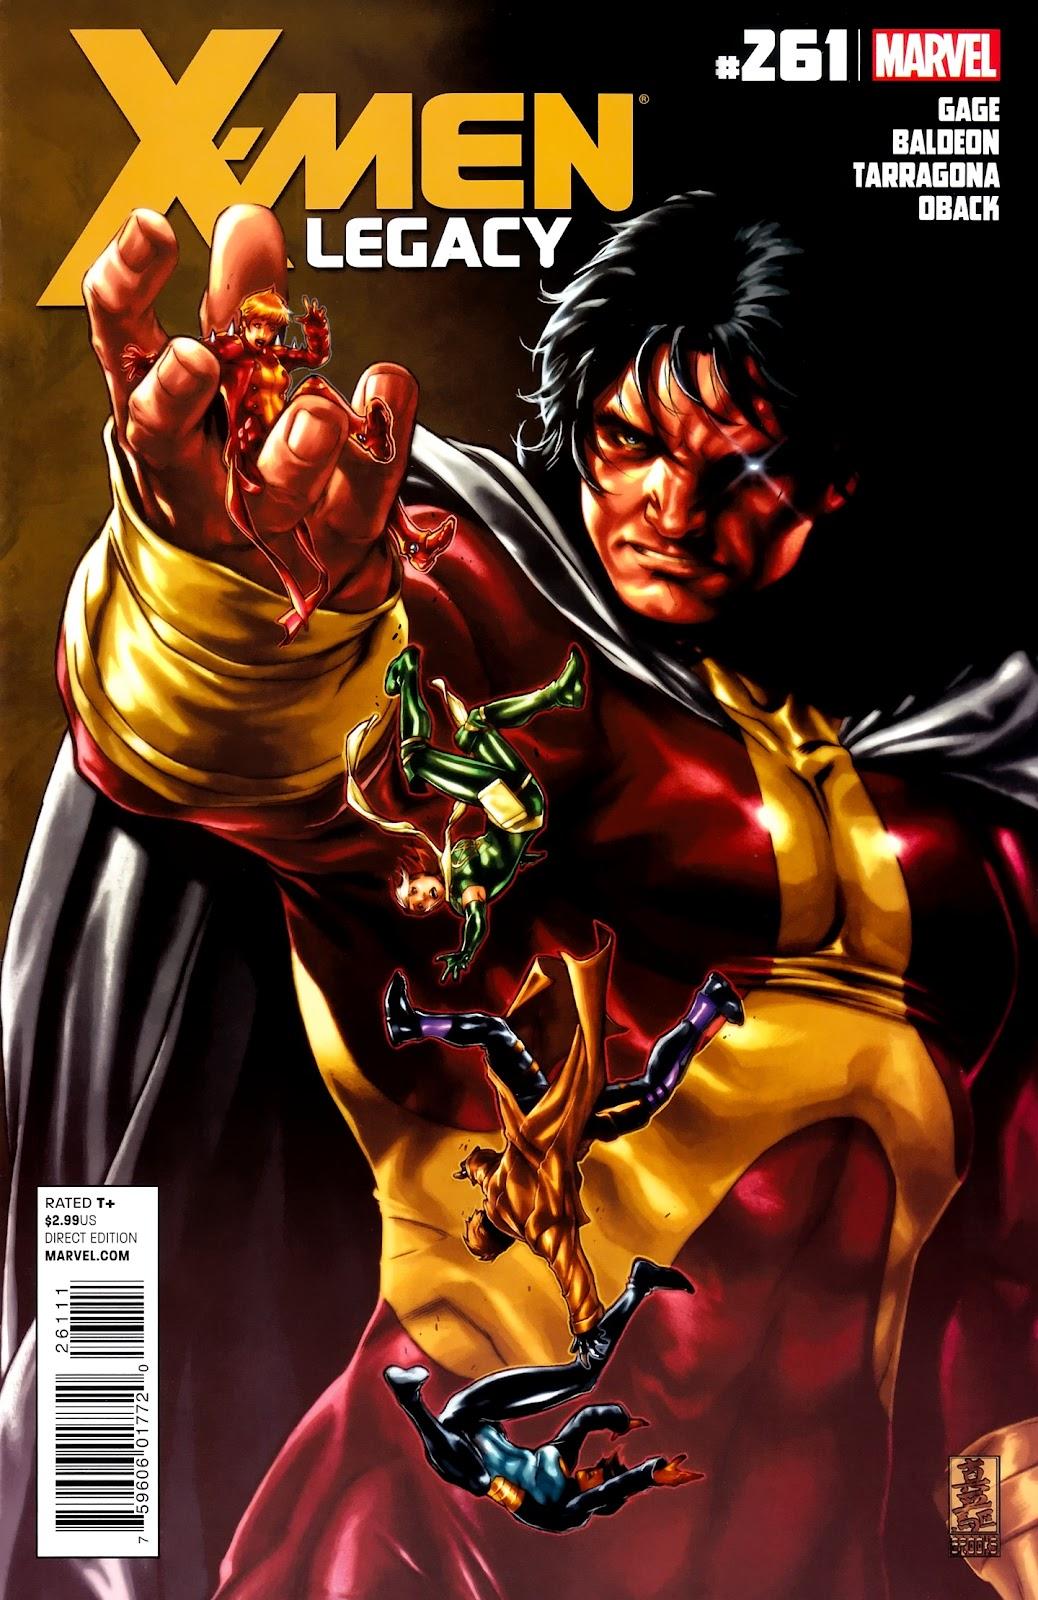 X-Men Legacy (2008) 261 Page 1